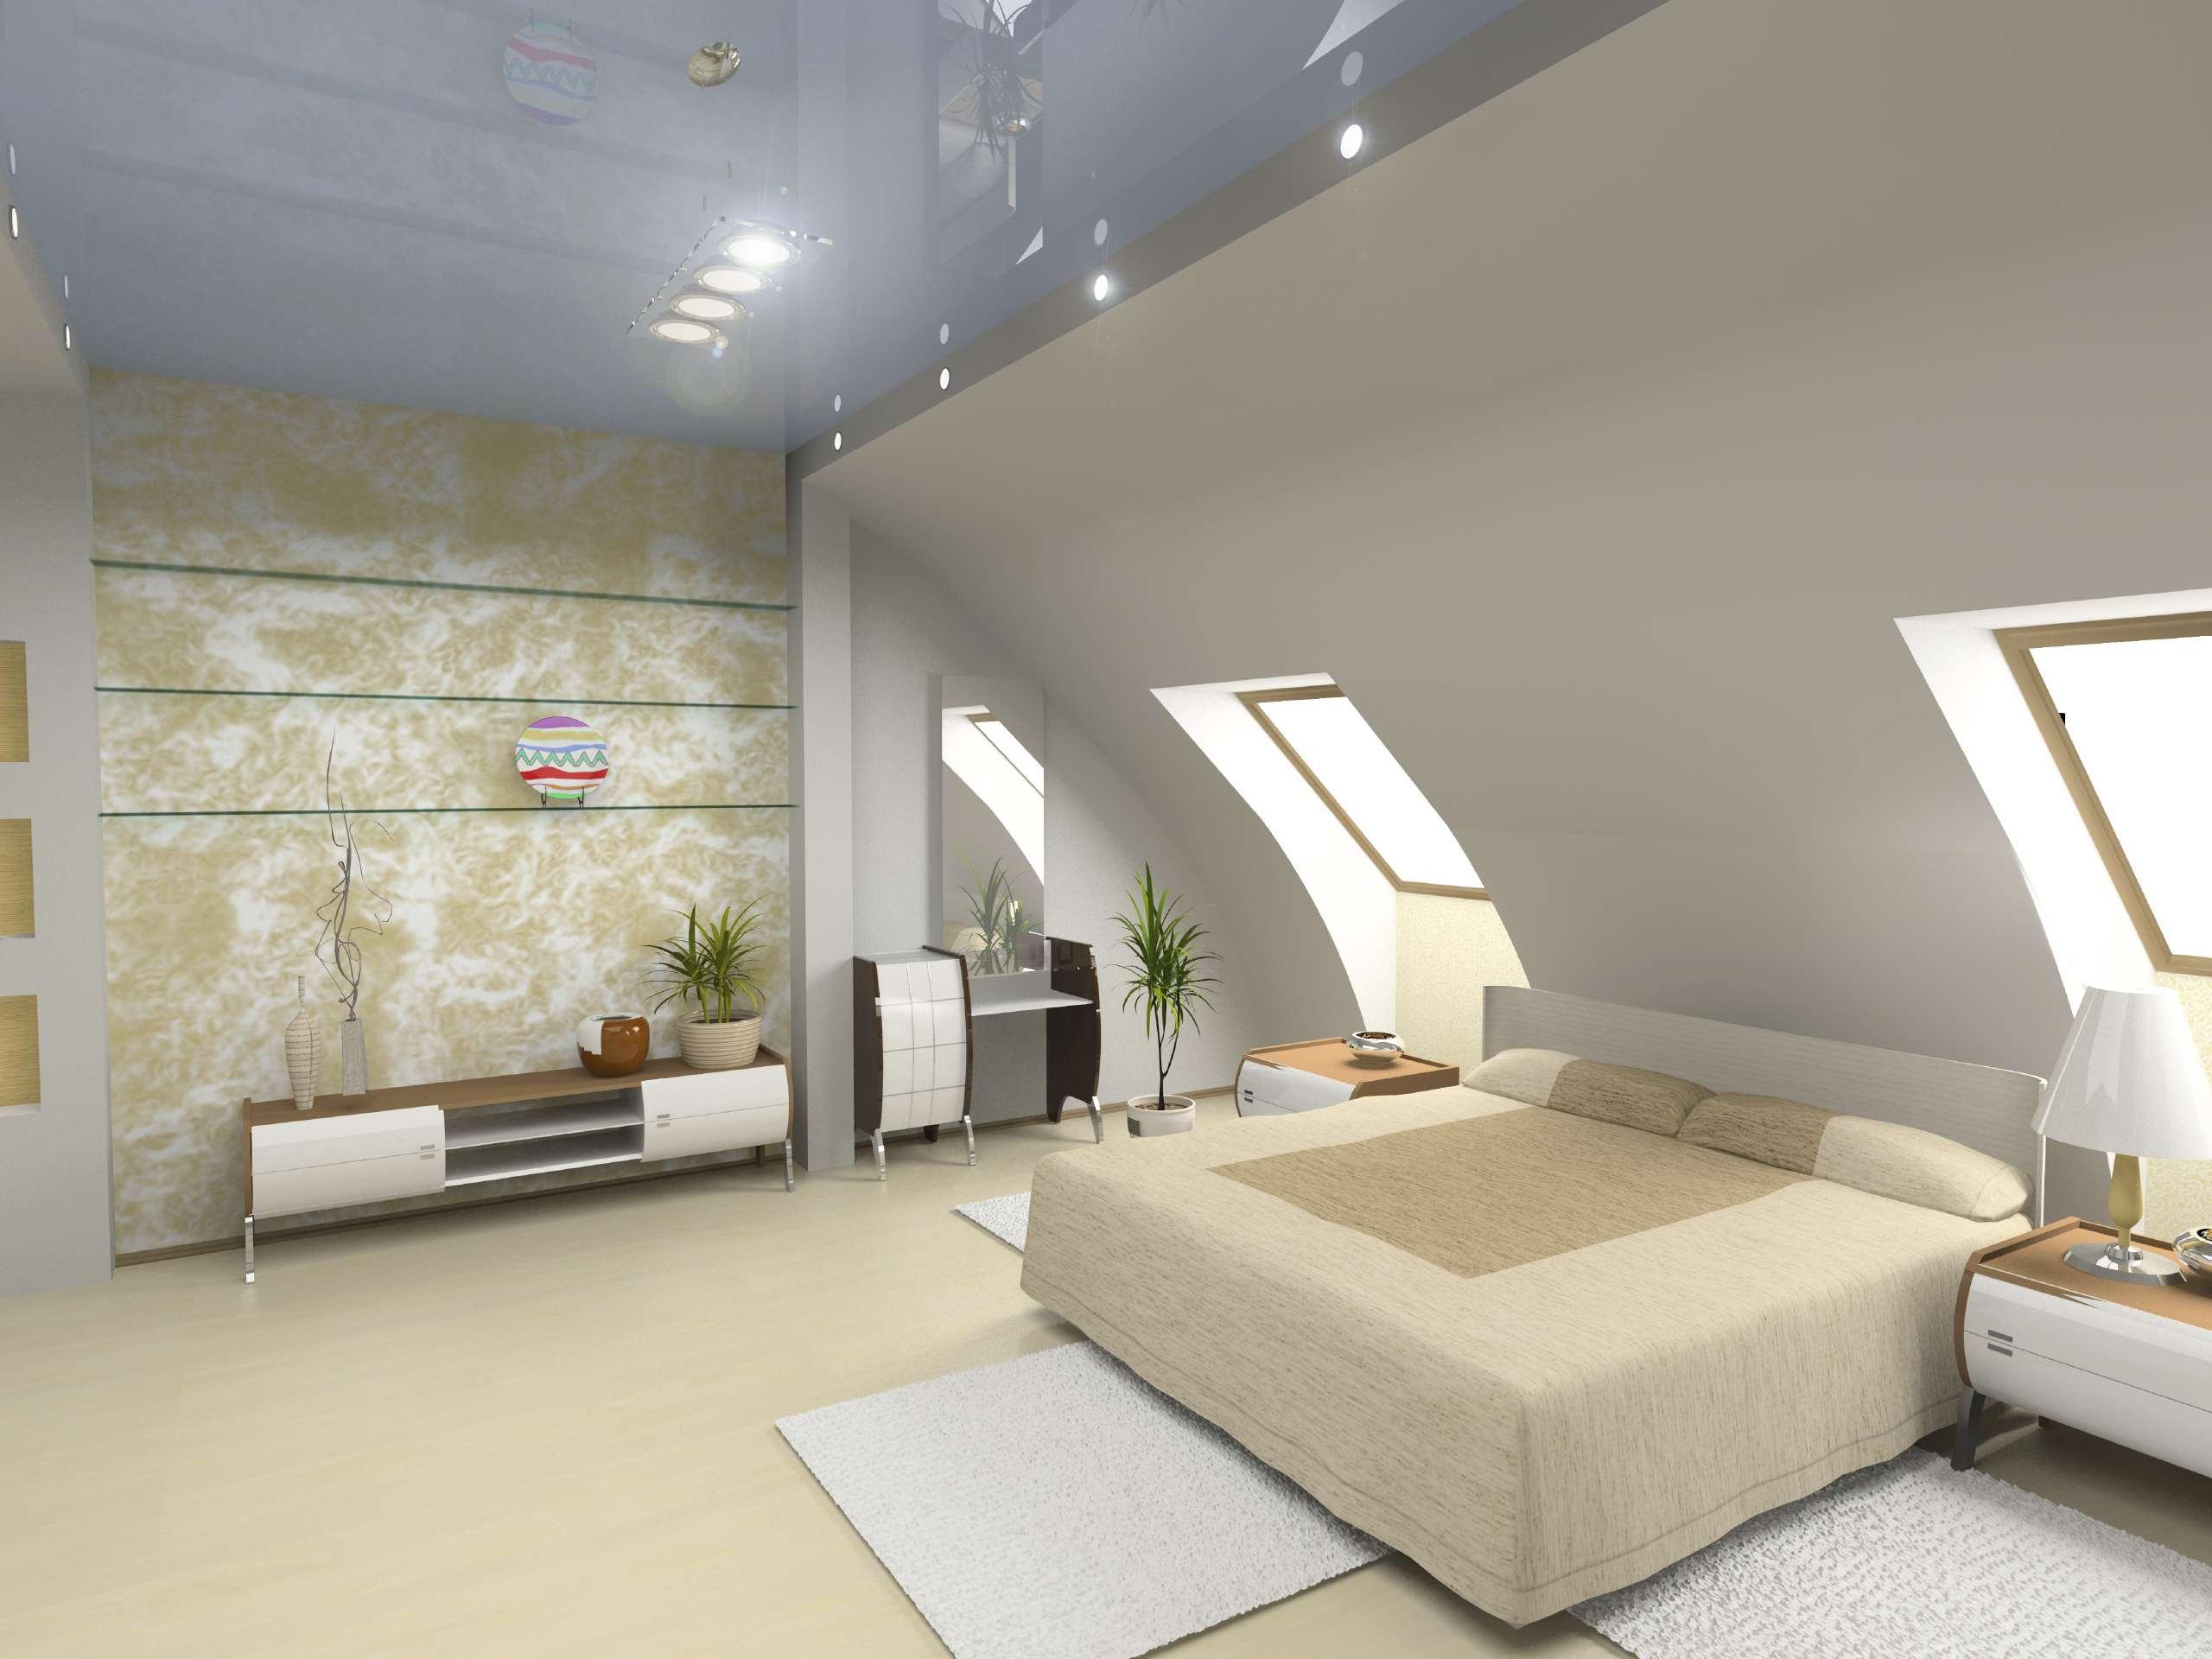 schlafzimmer schr ge w nde gestalten wohnidee schlafzimmer 7 raumax. Black Bedroom Furniture Sets. Home Design Ideas